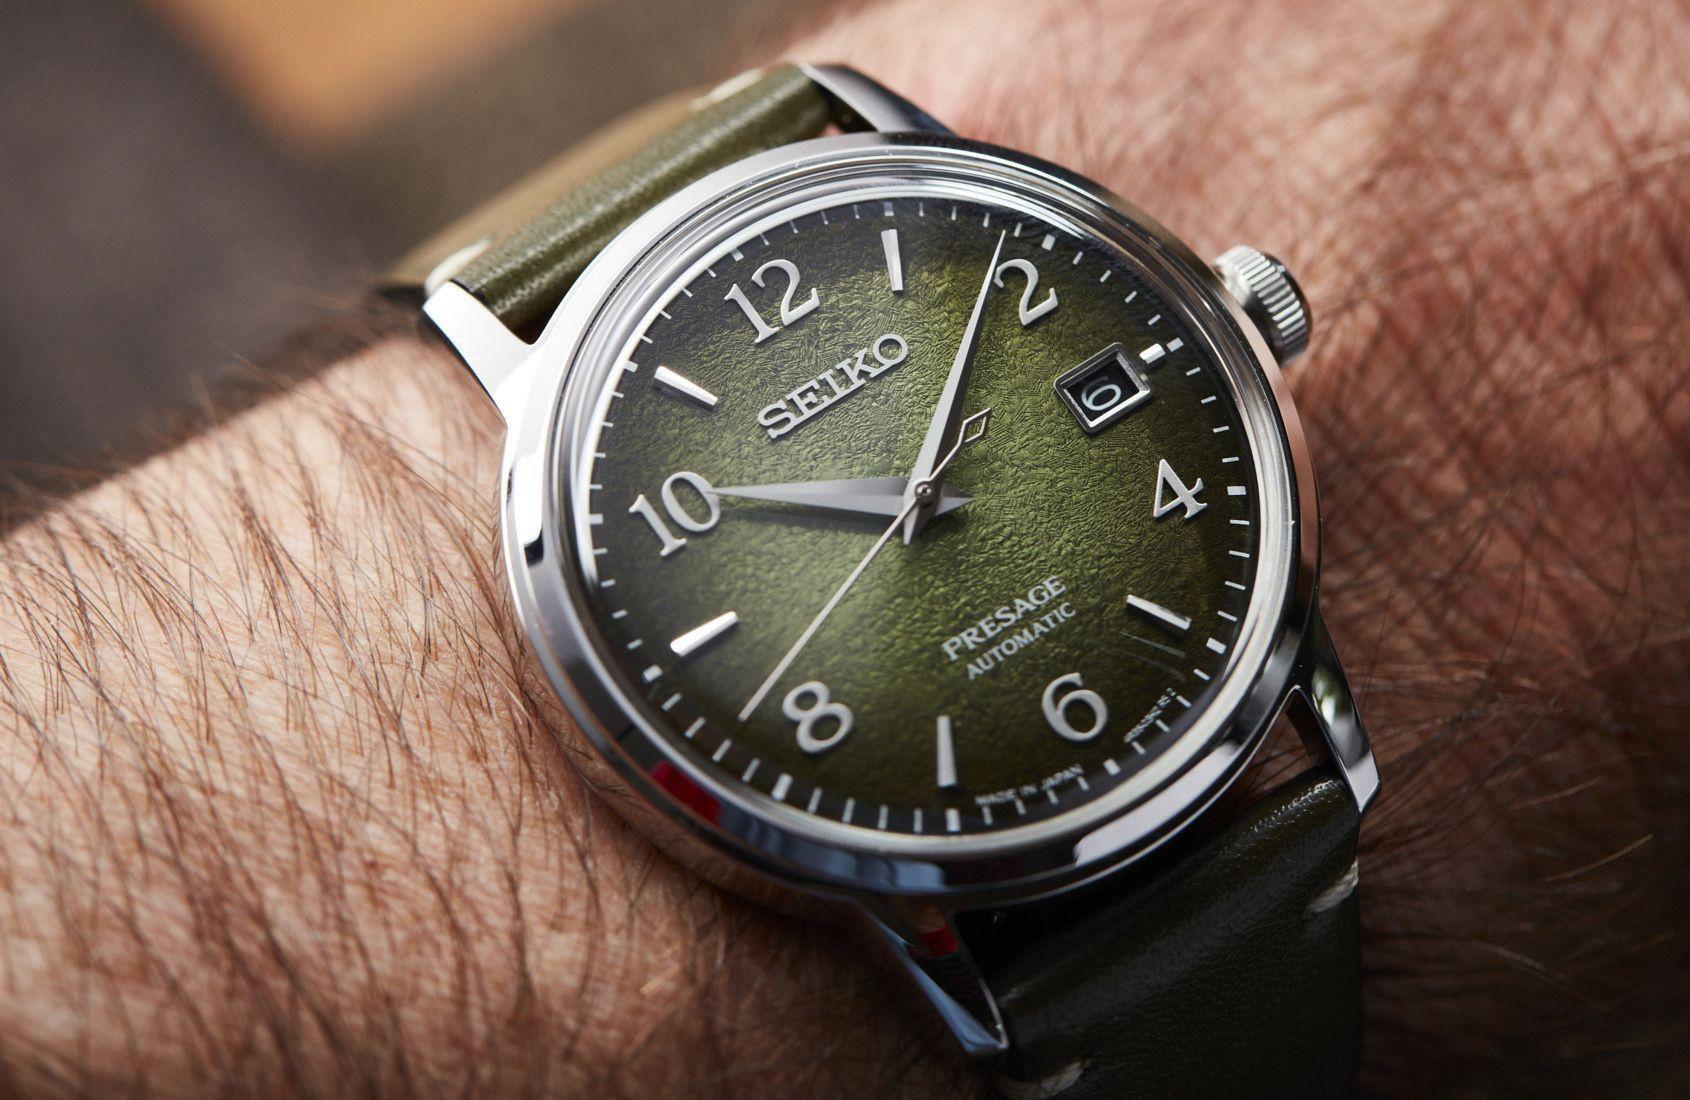 Những mẫu đồng hồ màu xanh độc đáo Ảnh 1